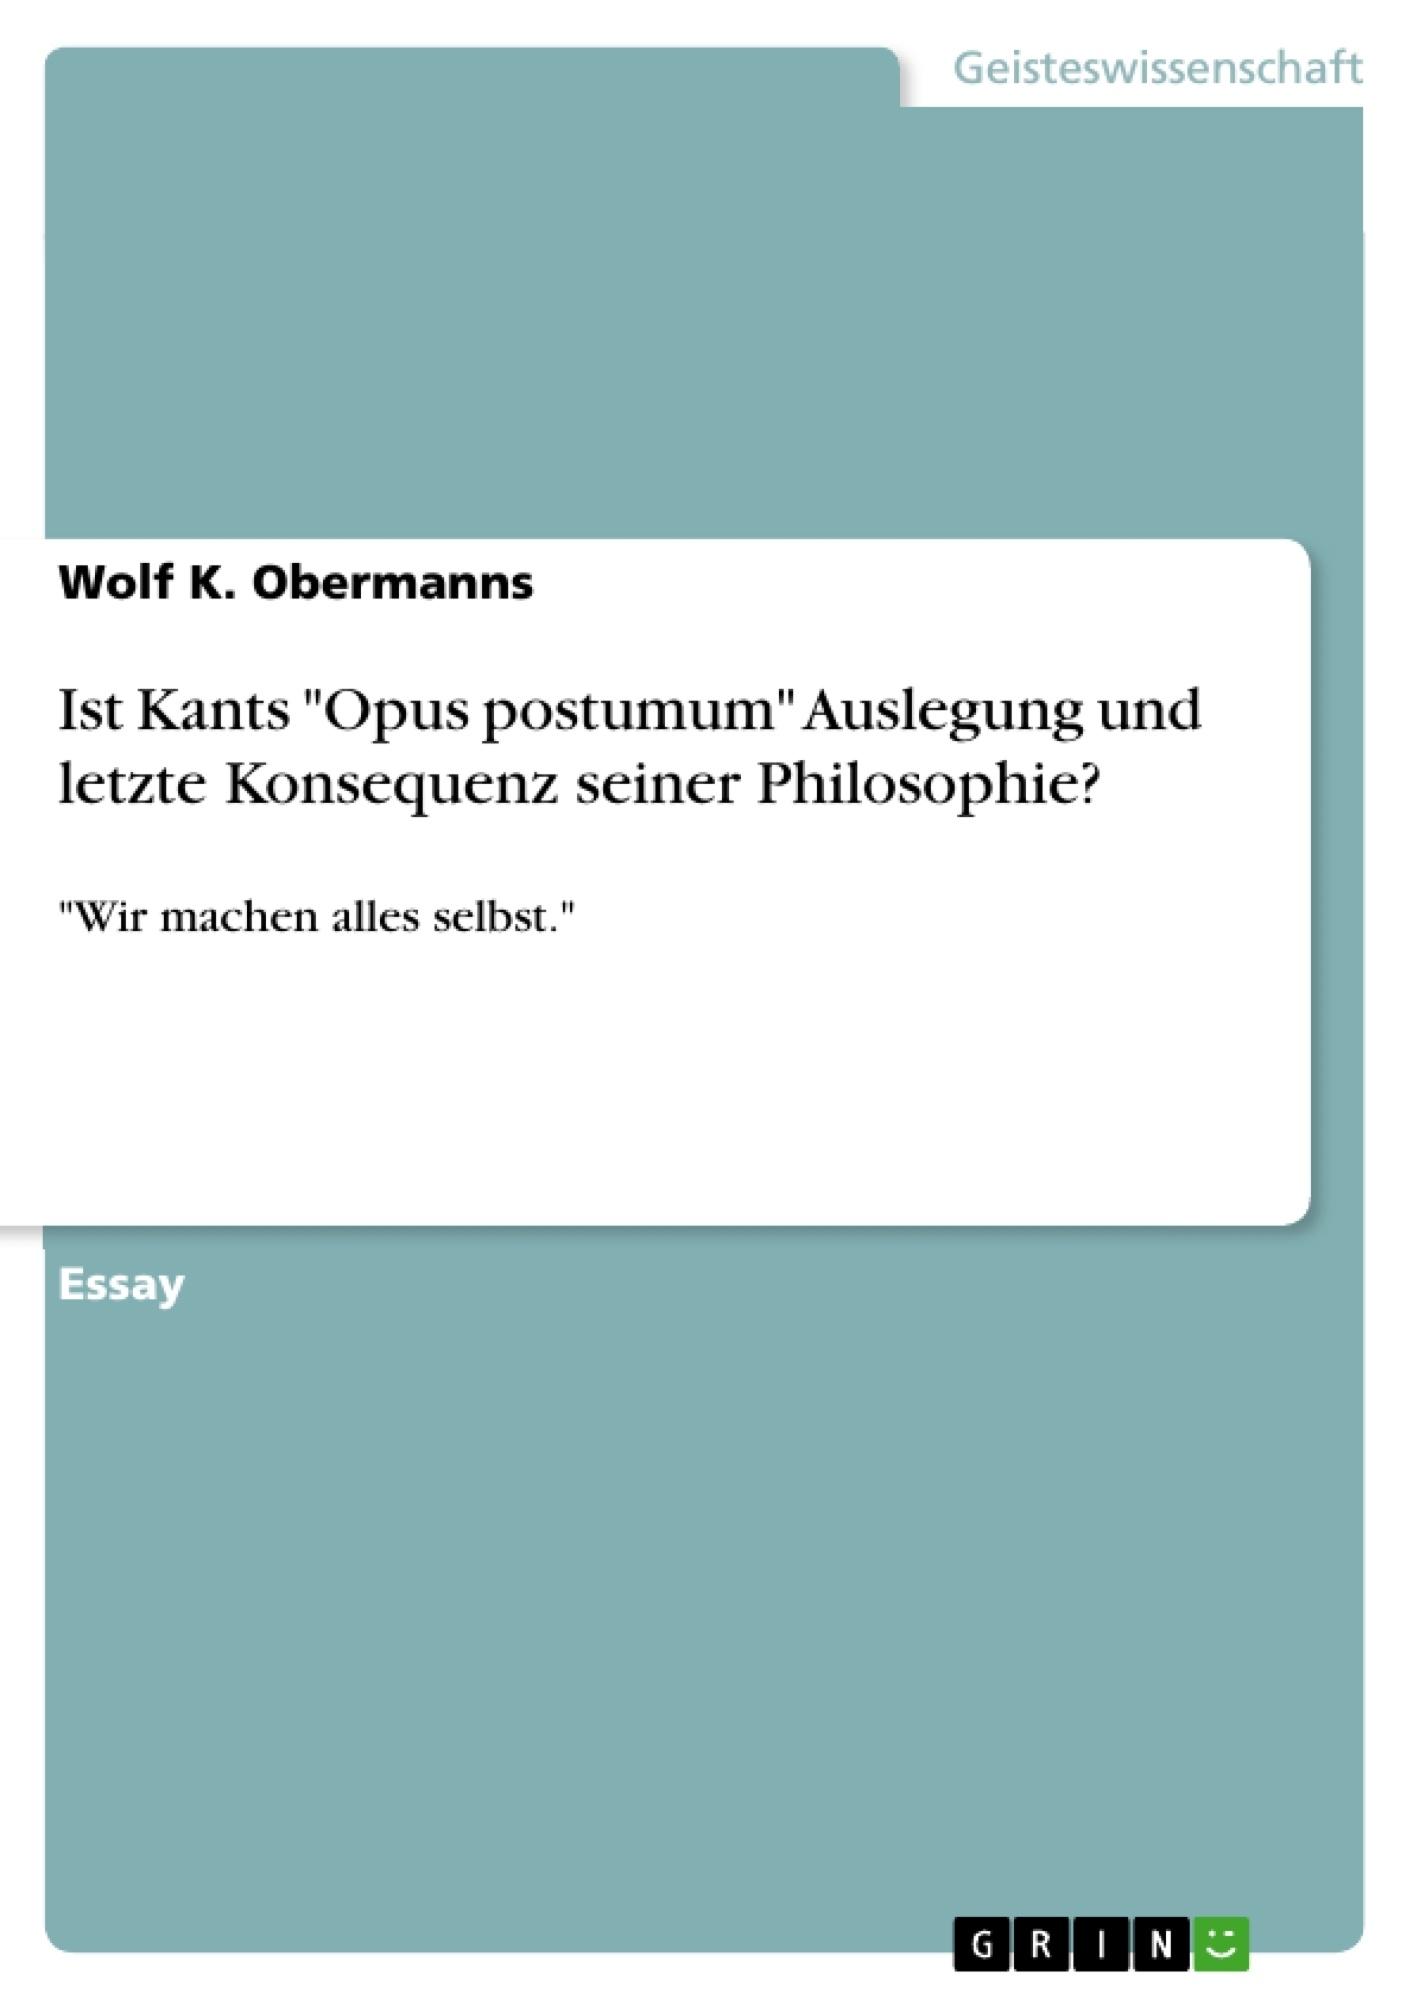 """Titel: Ist Kants """"Opus postumum"""" Auslegung und letzte Konsequenz seiner Philosophie?"""